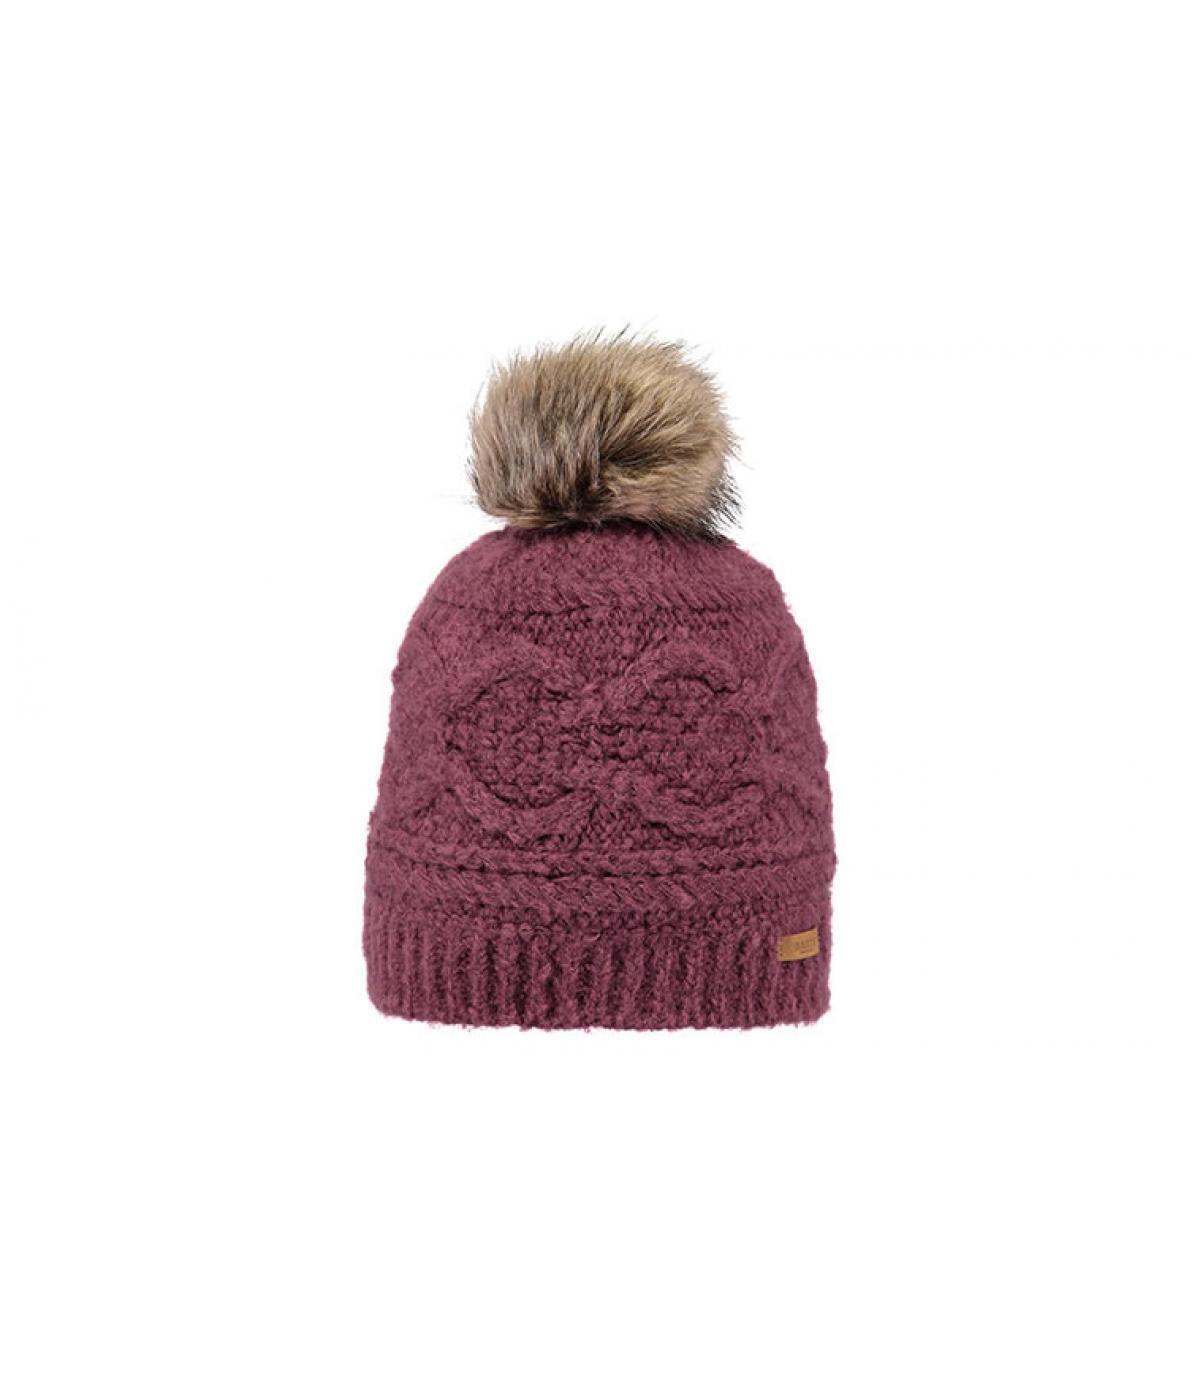 Mütze bordeaux Fellbommel